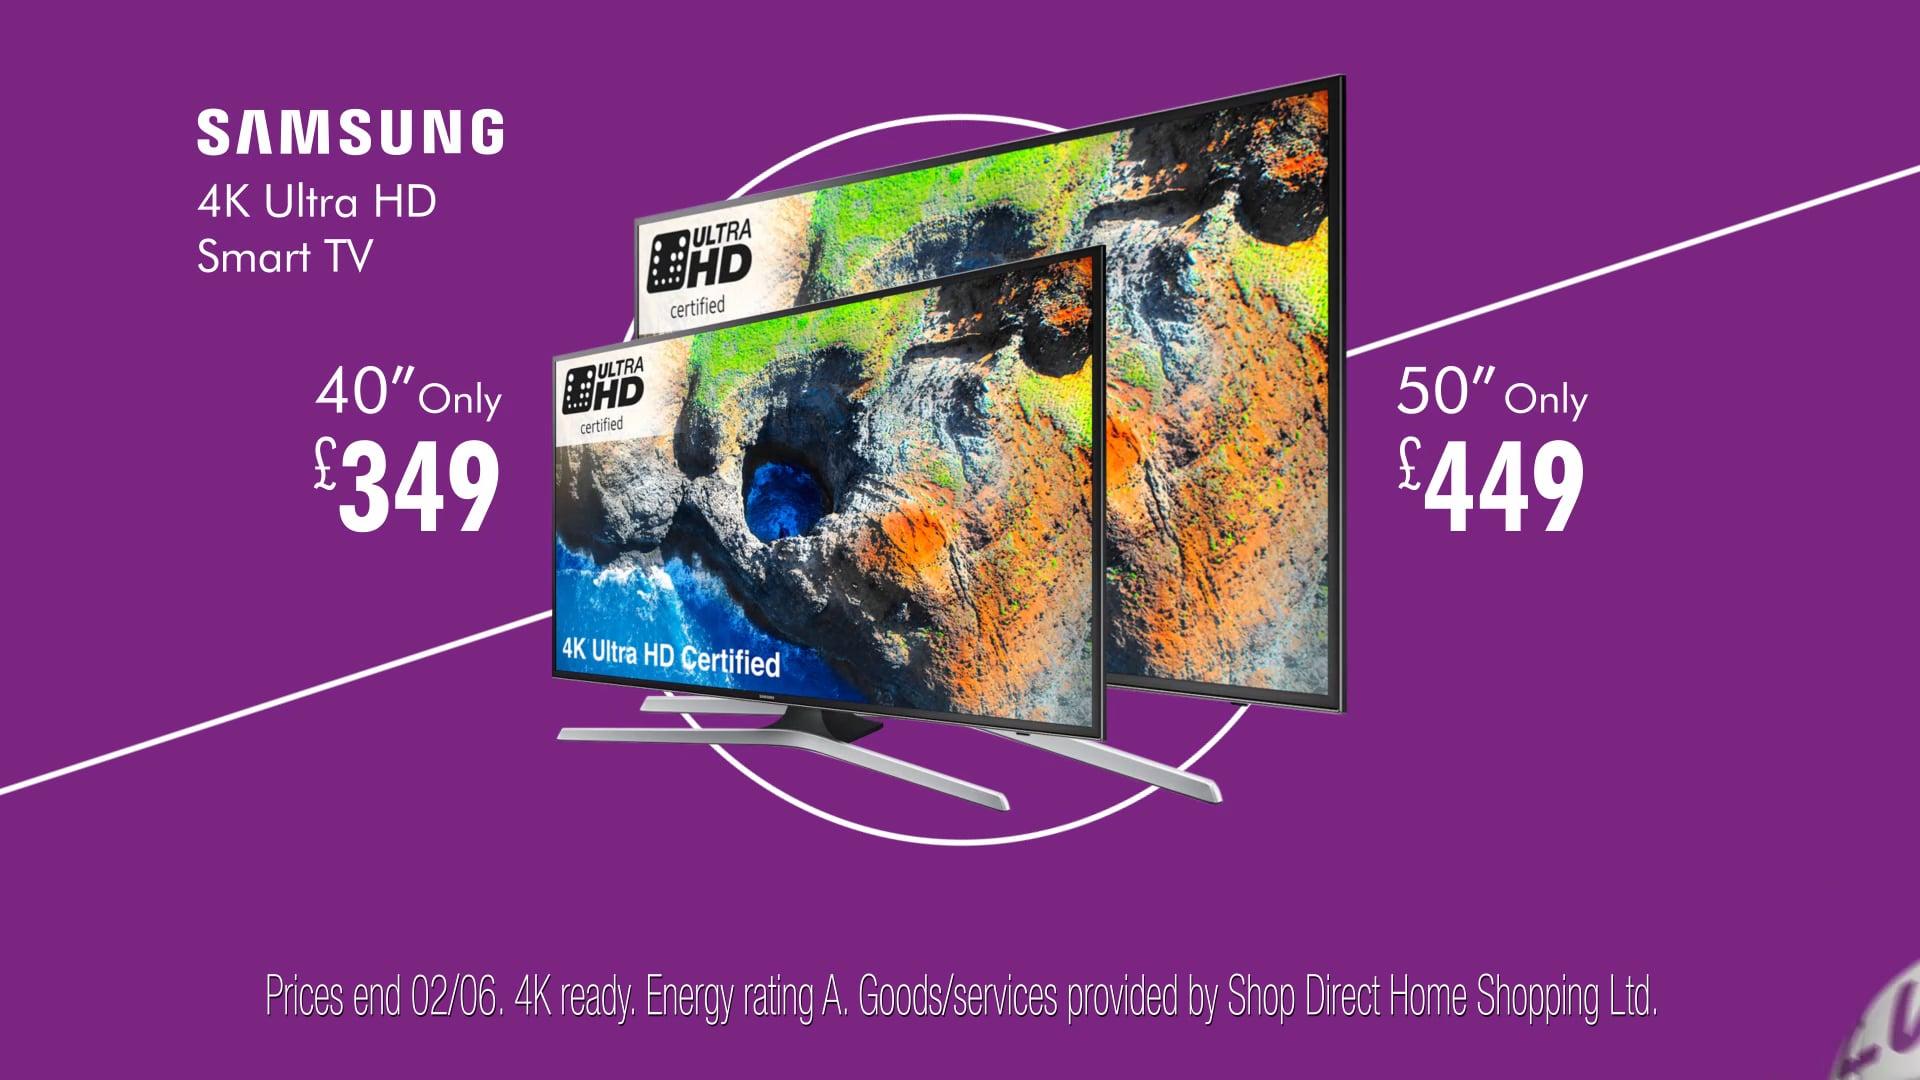 Littlewoods - 224346_1 - Littlewoods - SS18 Promos - 20sUK TV - Samsung TVs - R128 6fr -  v03a